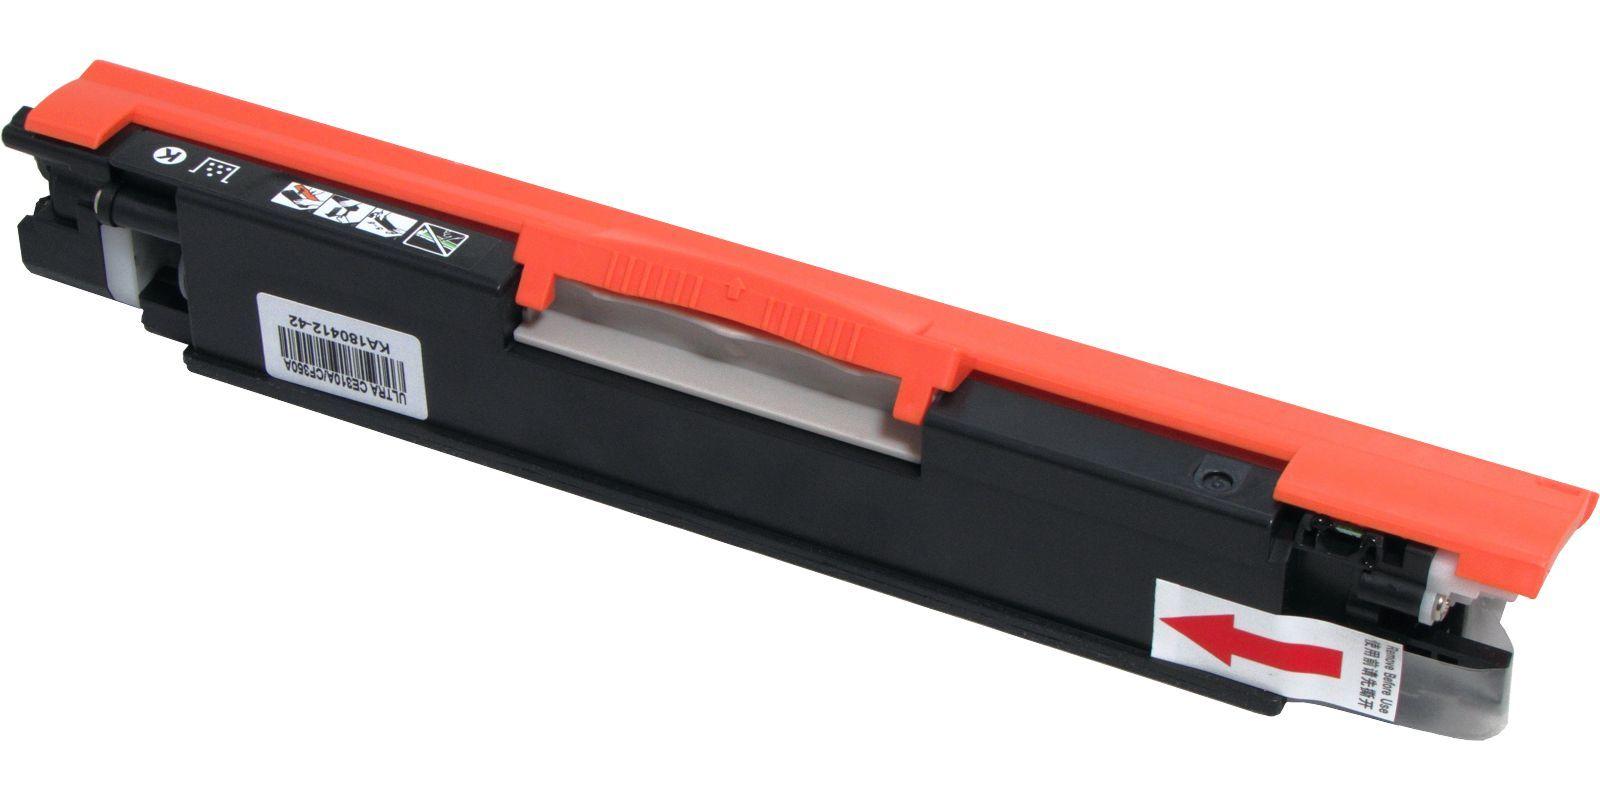 Картридж для лазерного принтера MAK аналог HP 126A (CE310A), 130A (CF350A) черный